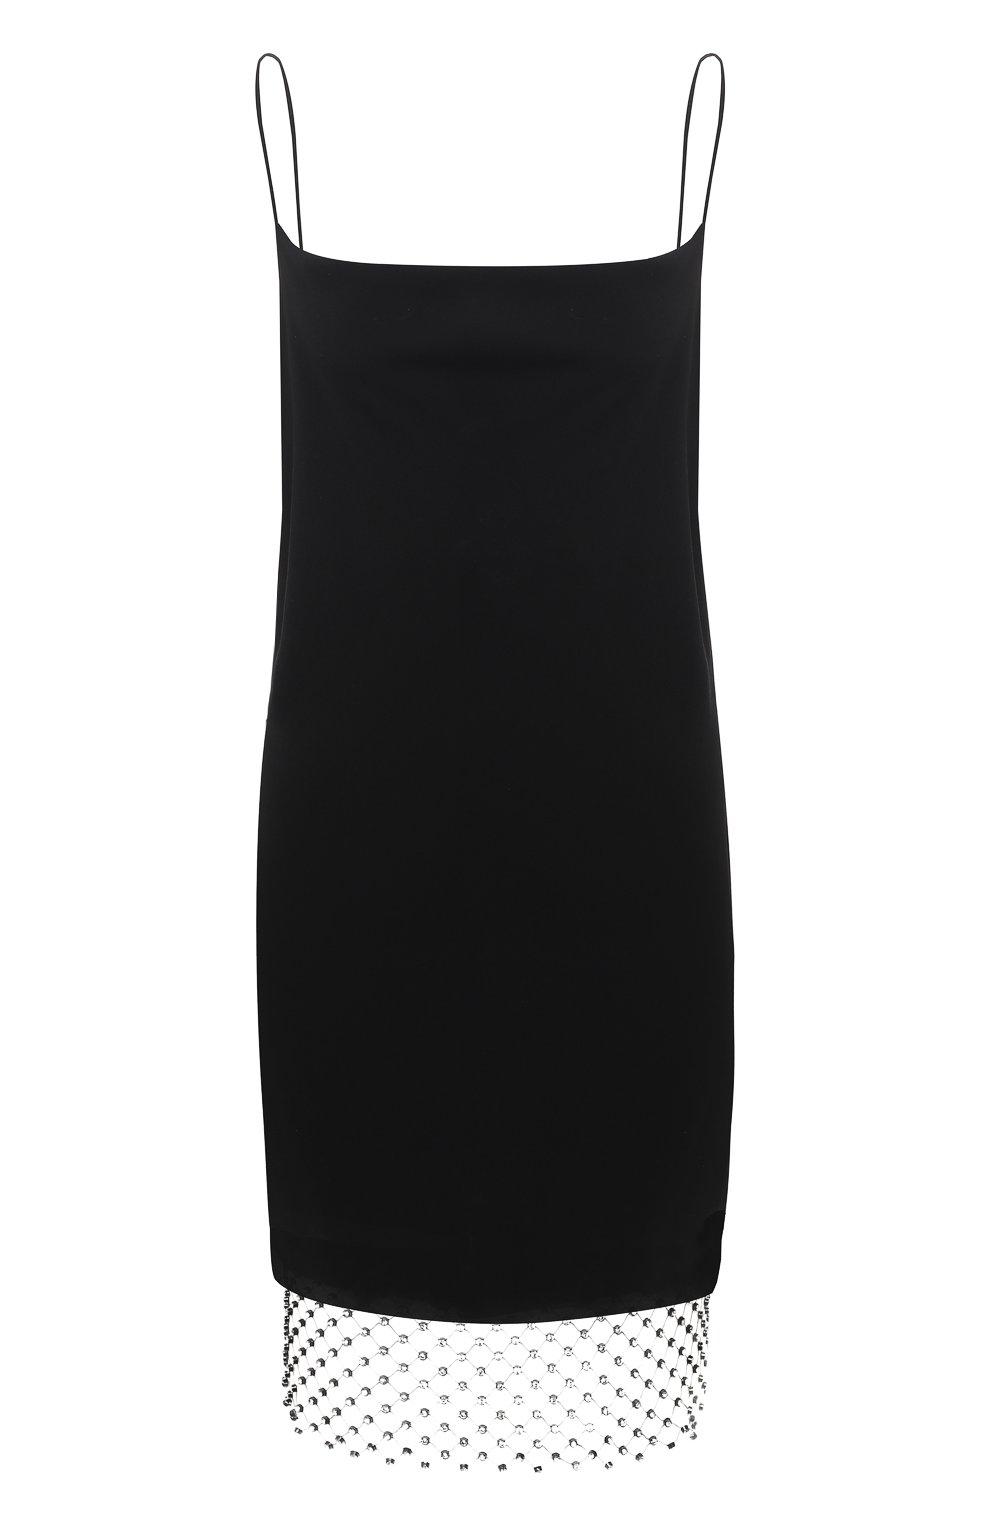 Женское платье DOROTHEE SCHUMACHER черного цвета, арт. 848306/GLAM0R0US STATEMENT | Фото 1 (Случай: Коктейльный; Материал внешний: Синтетический материал; Материал подклада: Синтетический материал; Длина Ж (юбки, платья, шорты): До колена; Рукава: Без рукавов; Стили: Романтичный; Женское Кросс-КТ: Платье-одежда)